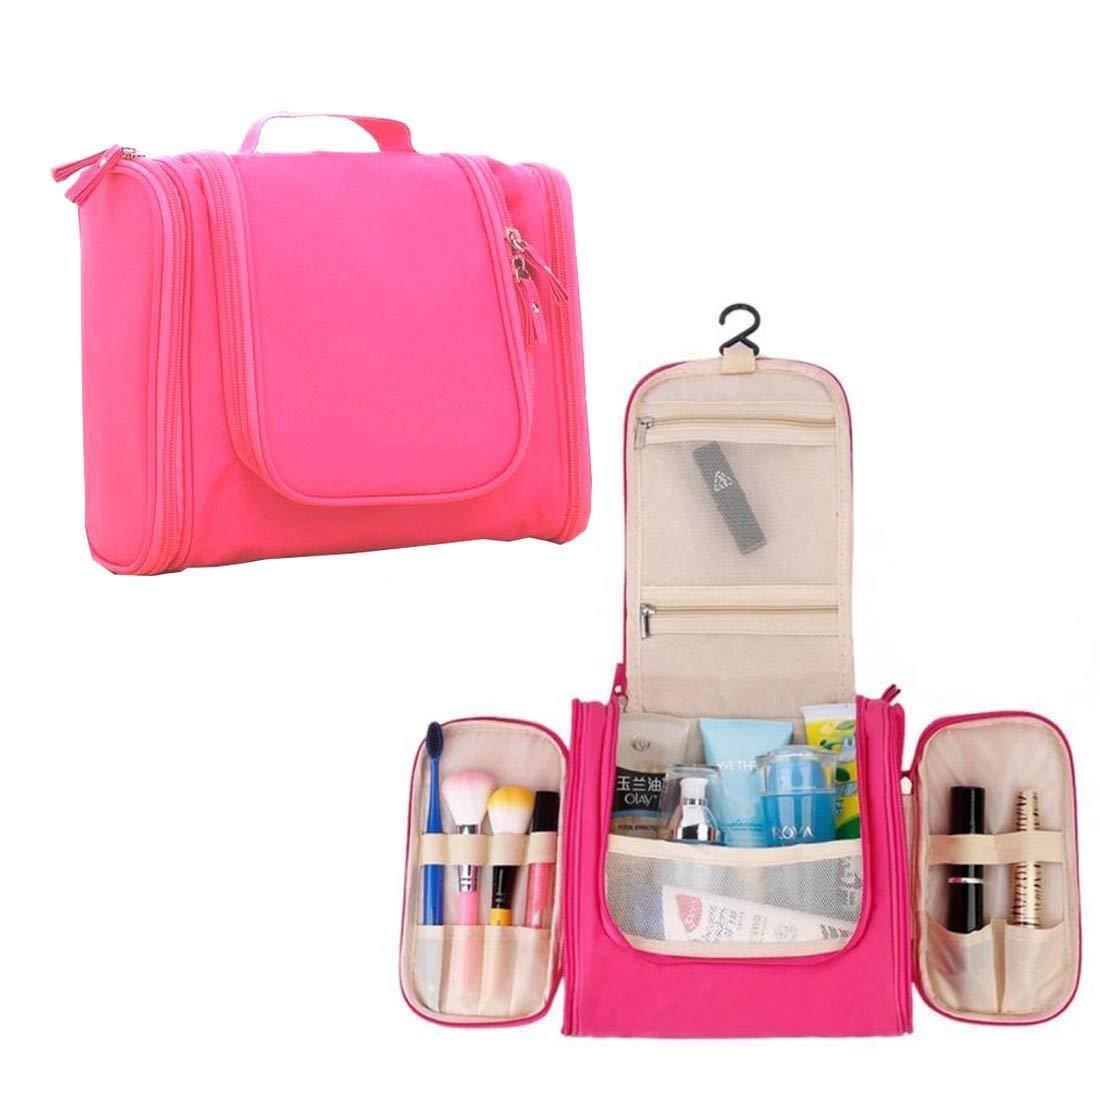 fb1354d2b9c2 PACKNBUY Cosmetic Toiletry Bag Travel Makeup Organizer Pink